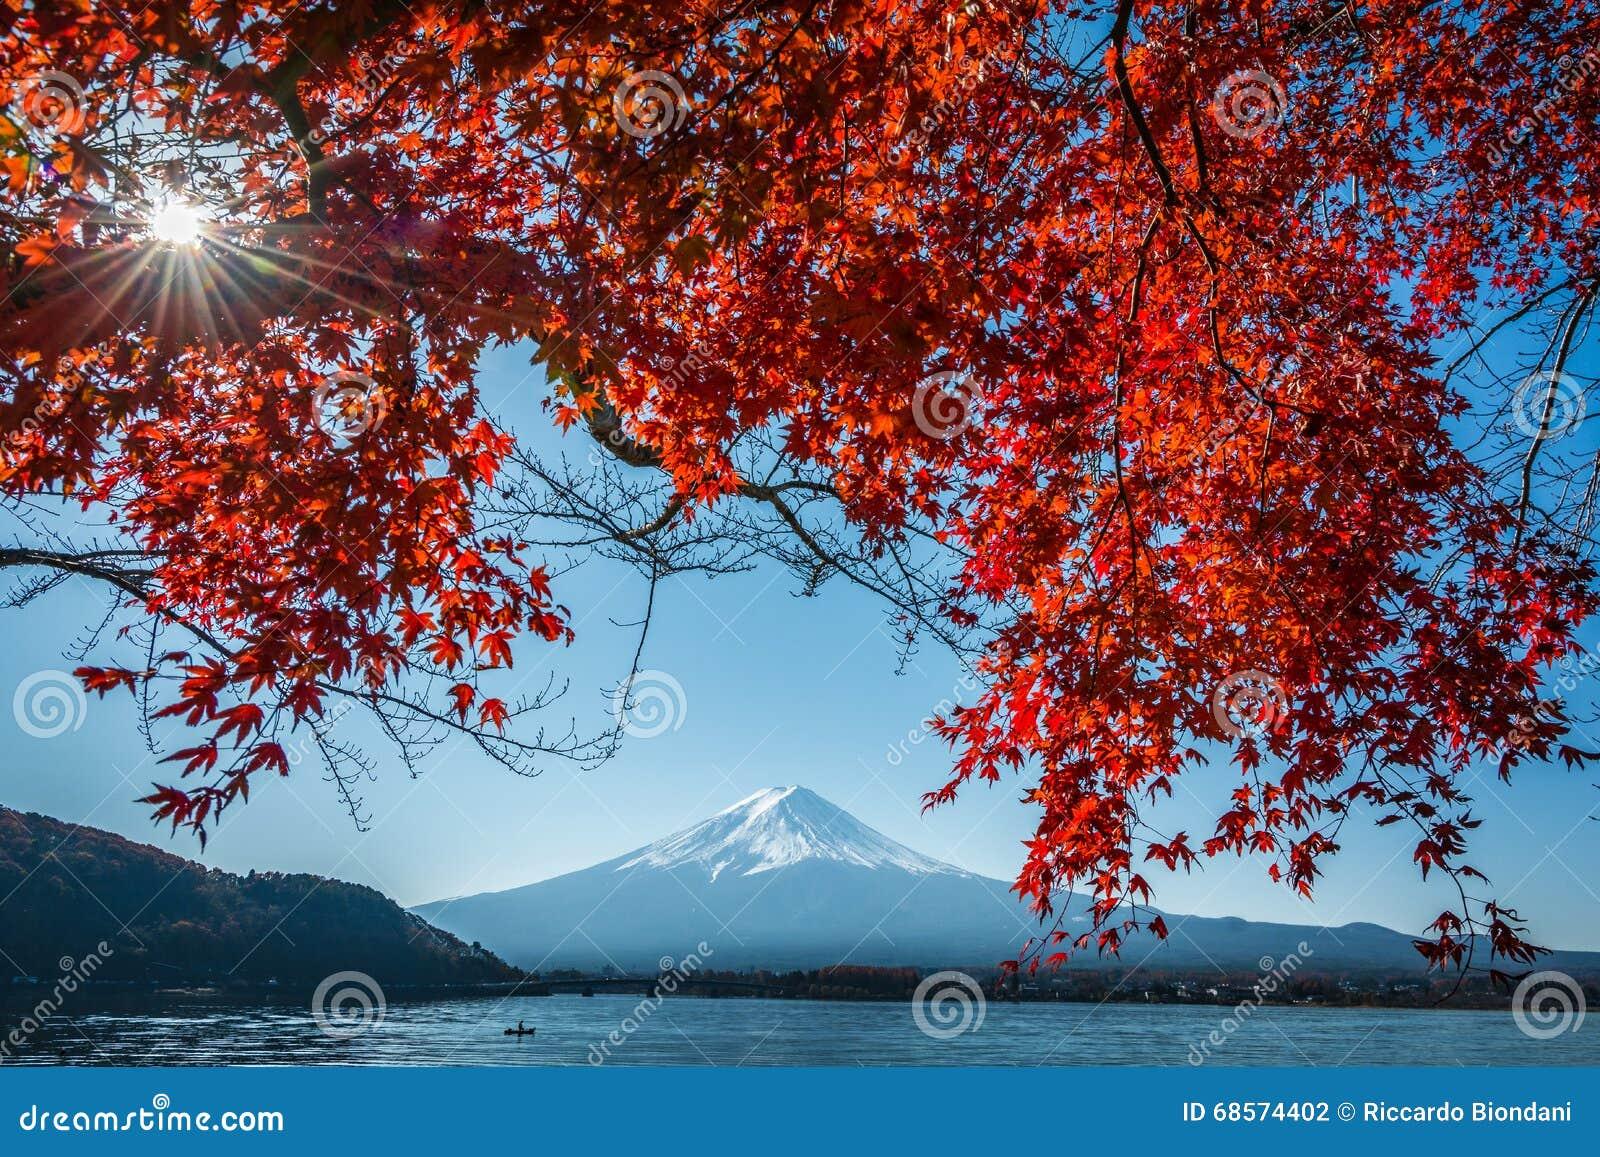 Japan zet het Meer Autumn Postcard View van Fuji en Kawaguchiko-met Esdoorn op de Rode Kleur doorbladert